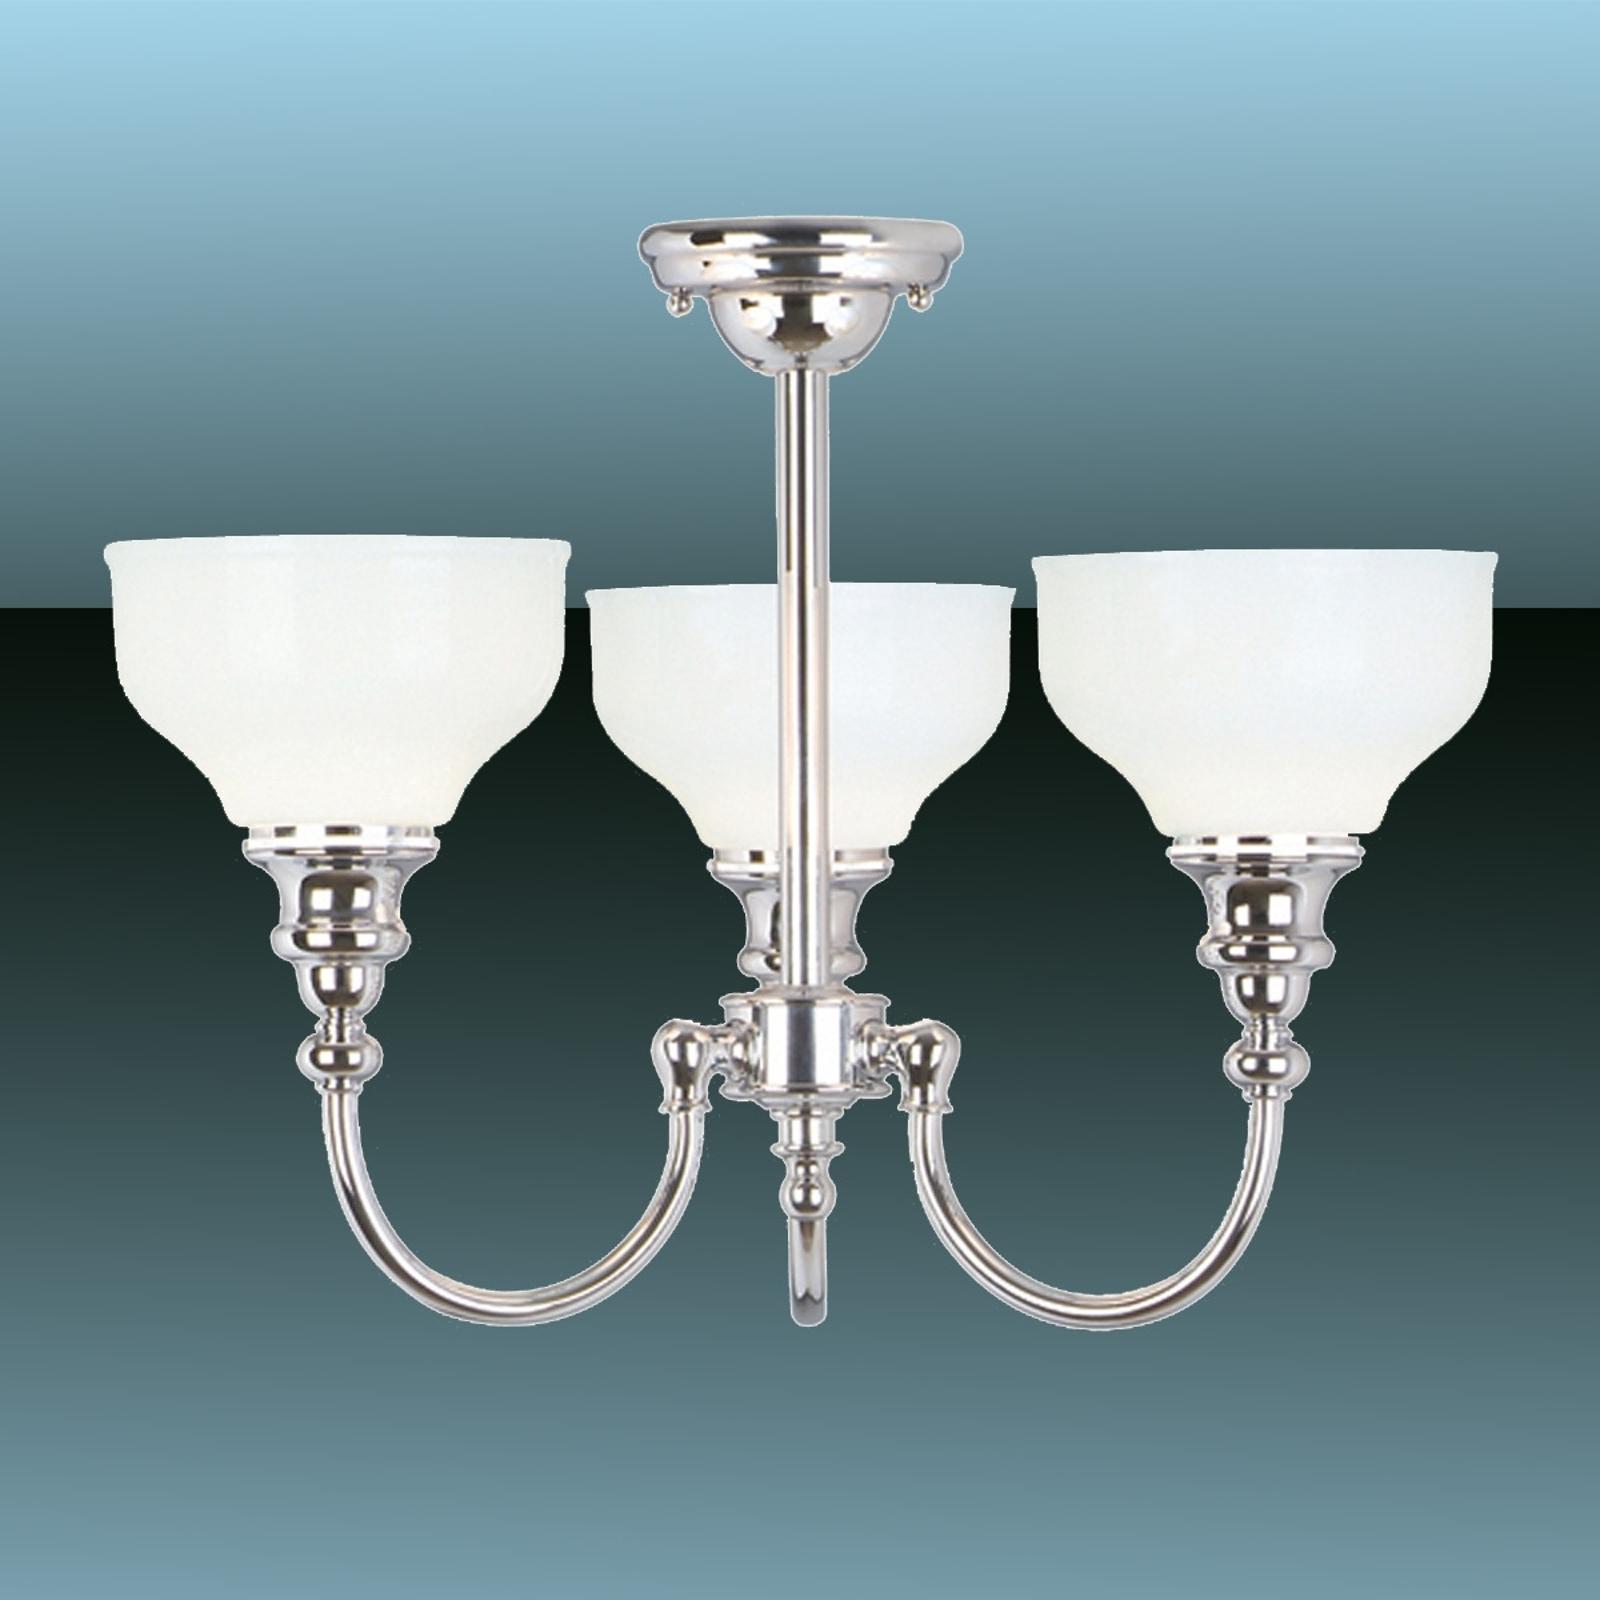 Cheadle badeværelsesloftlampe med 3 pærer